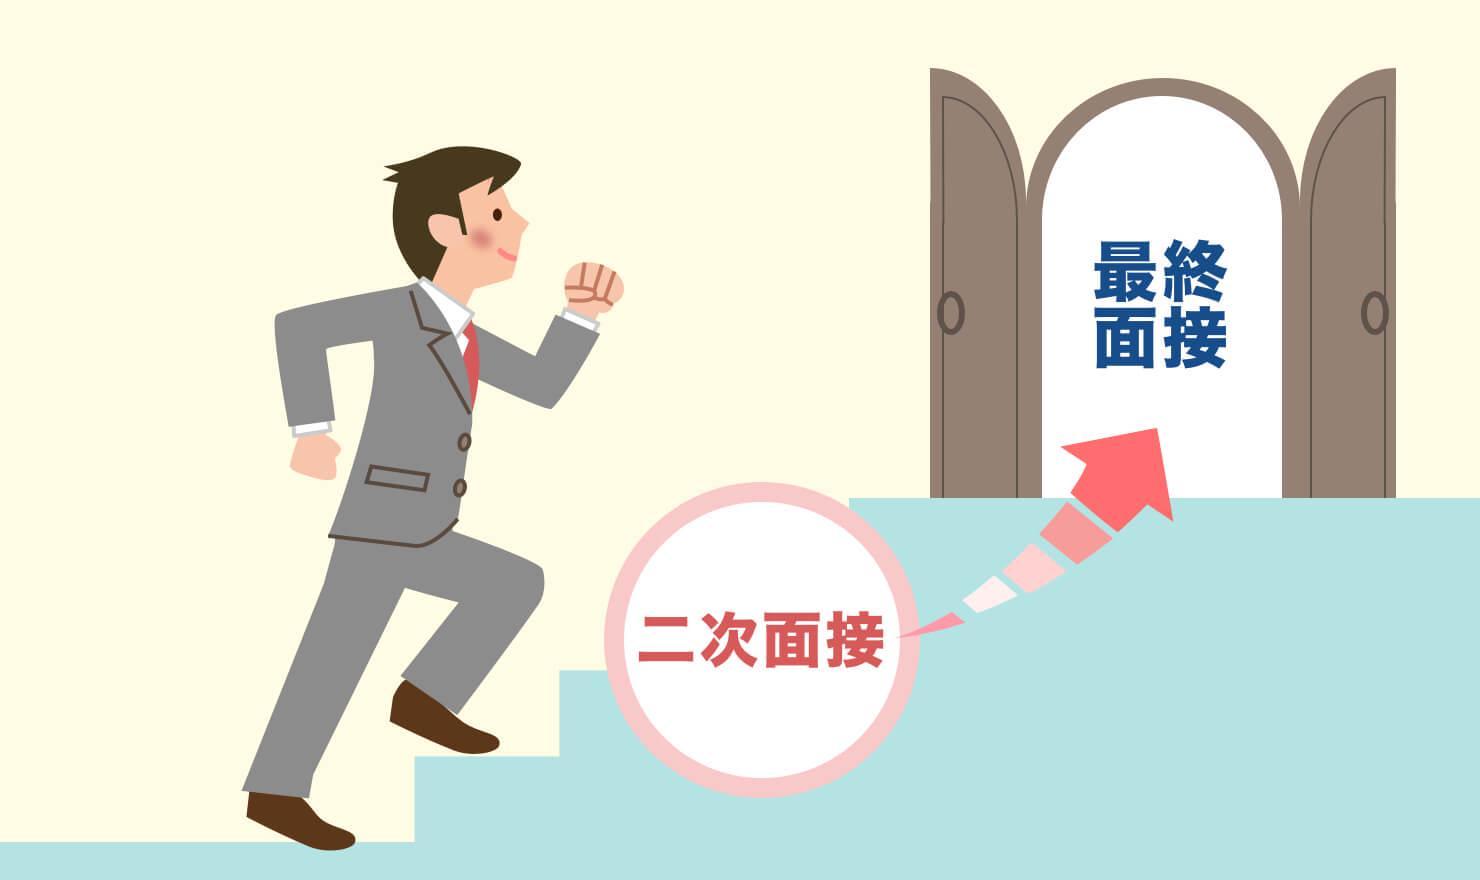 【転職成功の秘訣をご紹介】二次面接完全ガイド